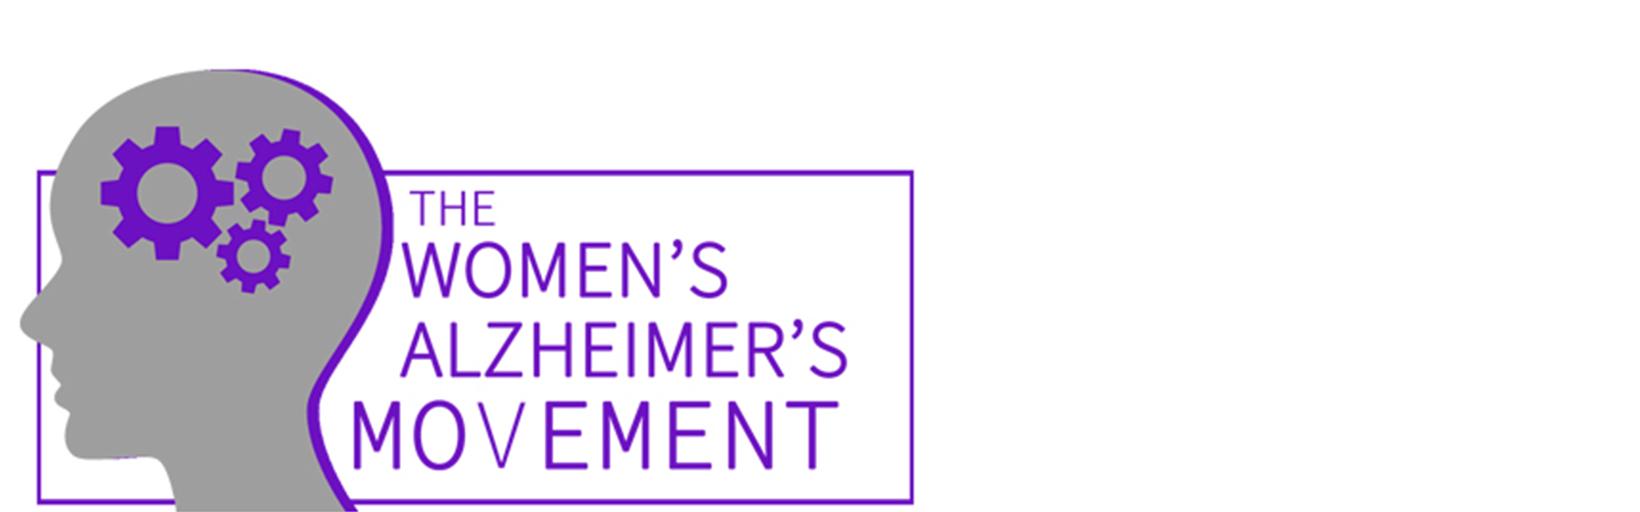 The Women's Alzheimer's Movement